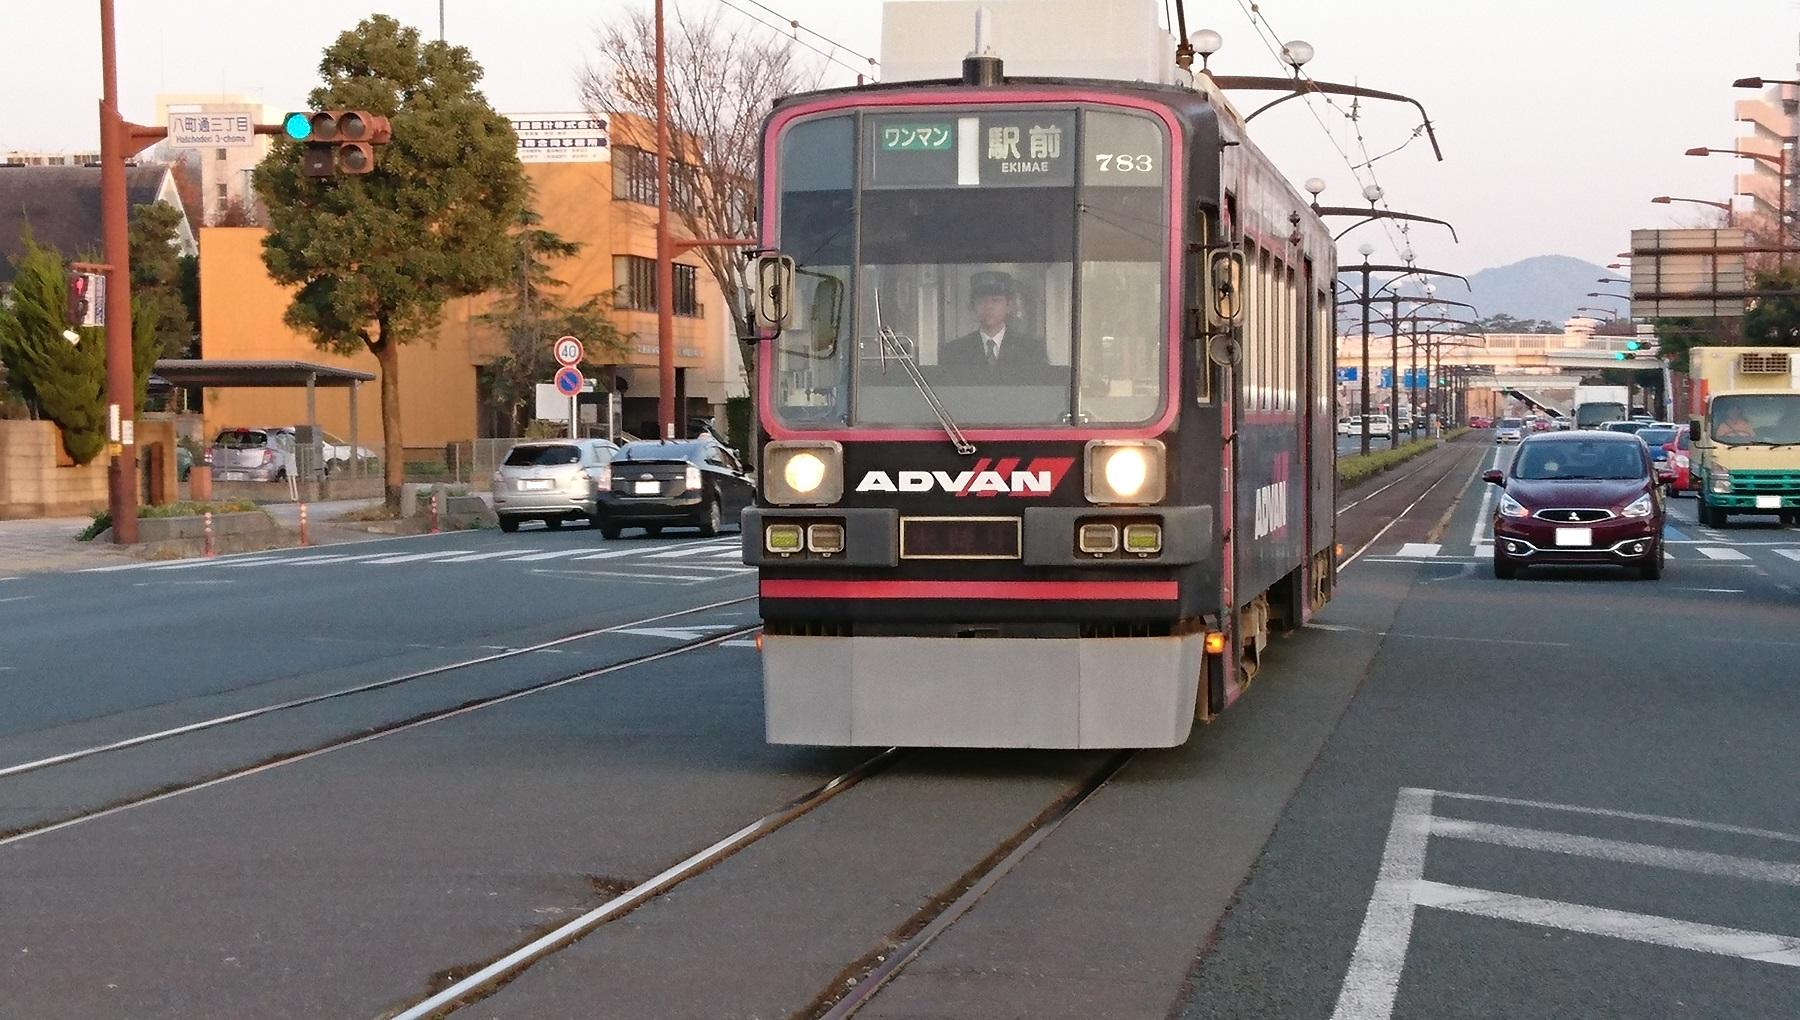 2016.12.9 豊橋 (22) 電車どおり - 783 1800-1020